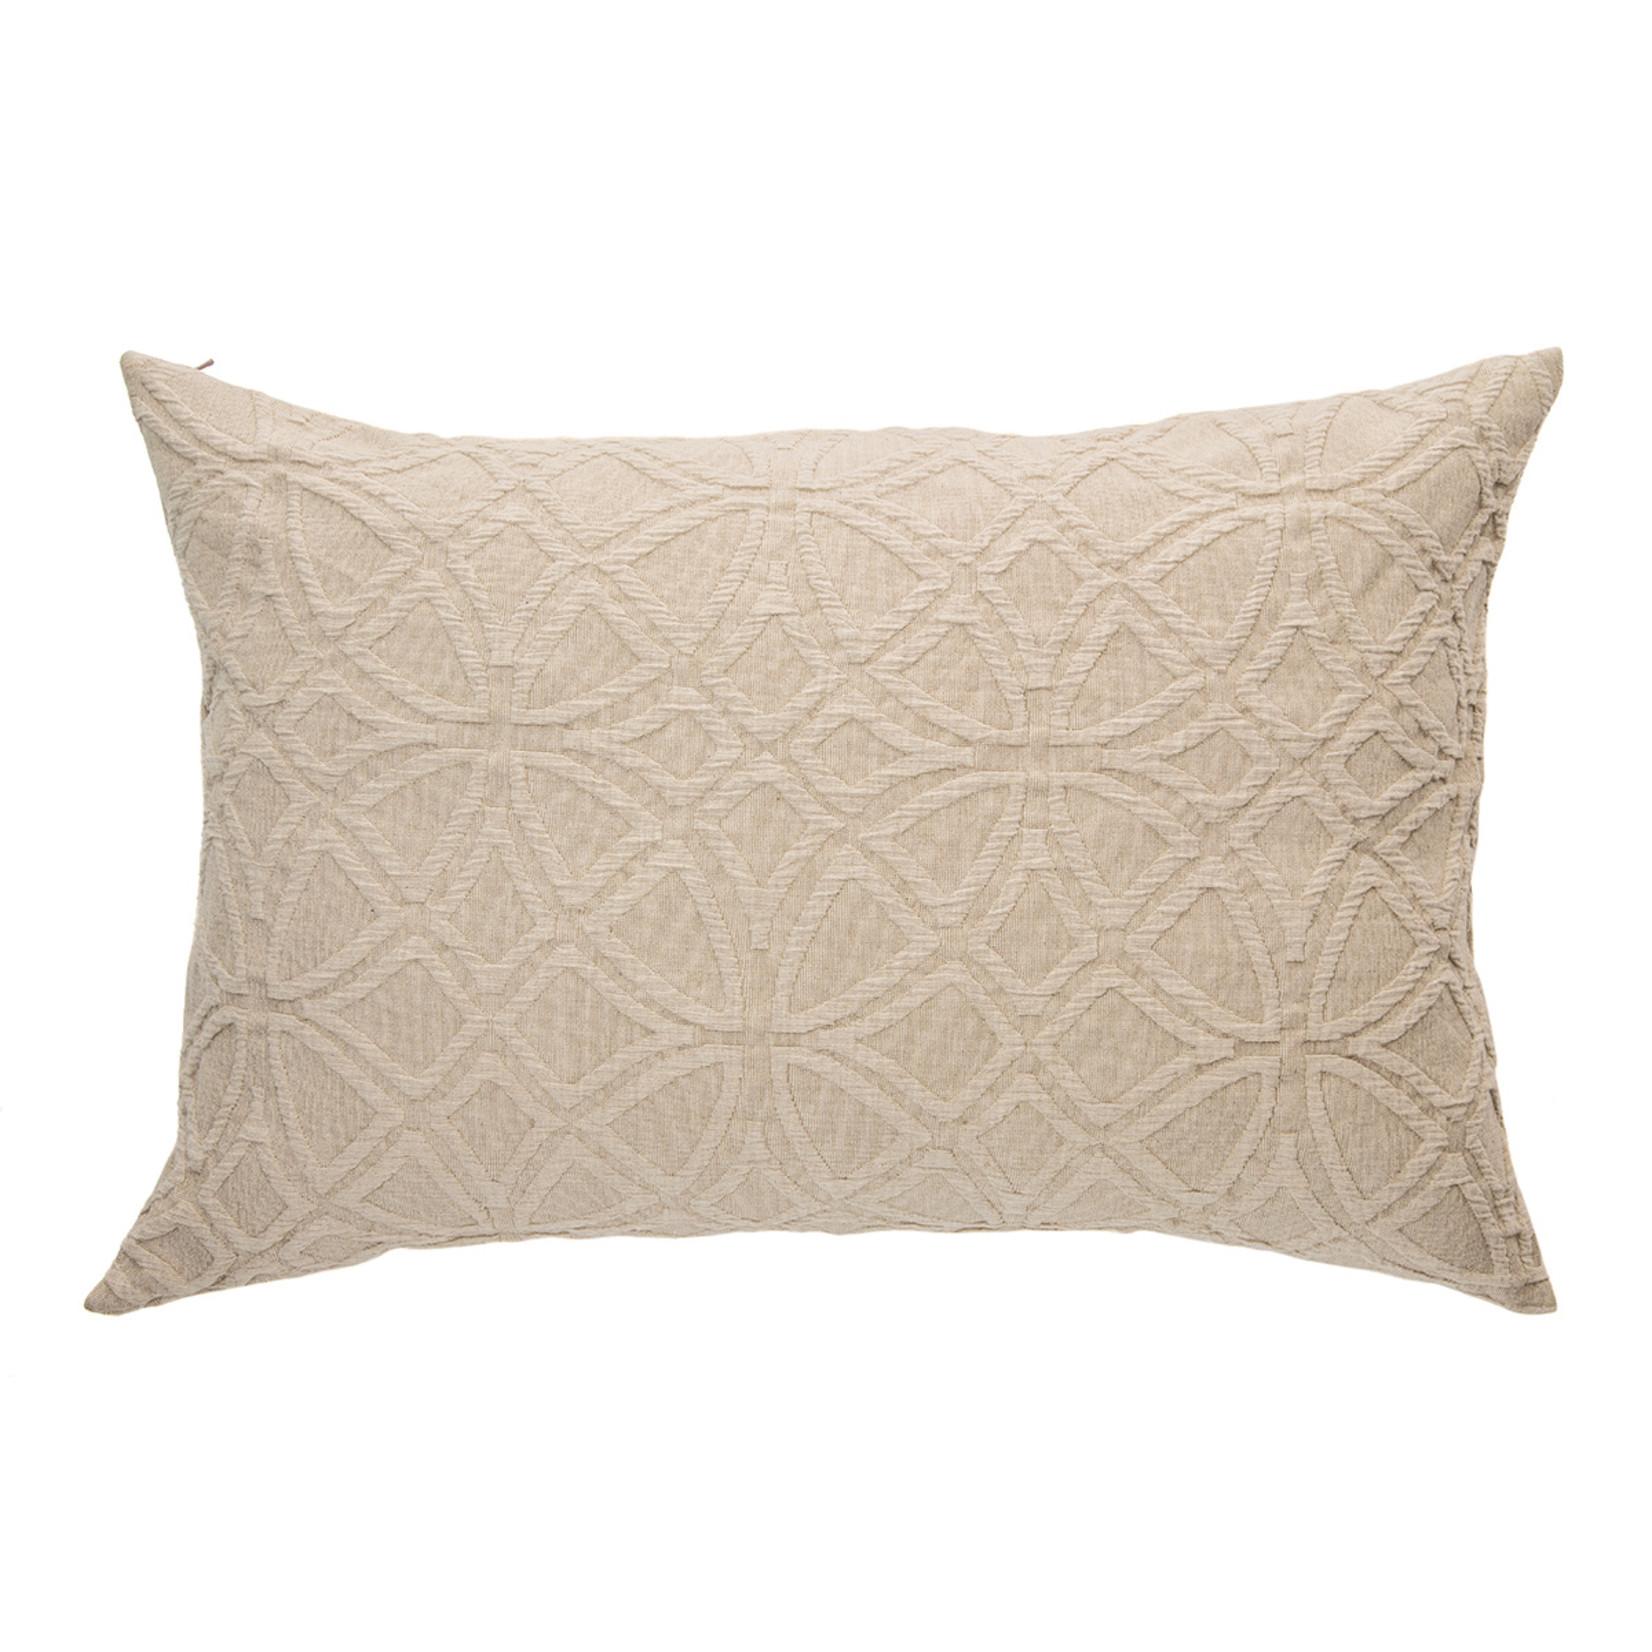 Brunelli Römer Pillow Sham